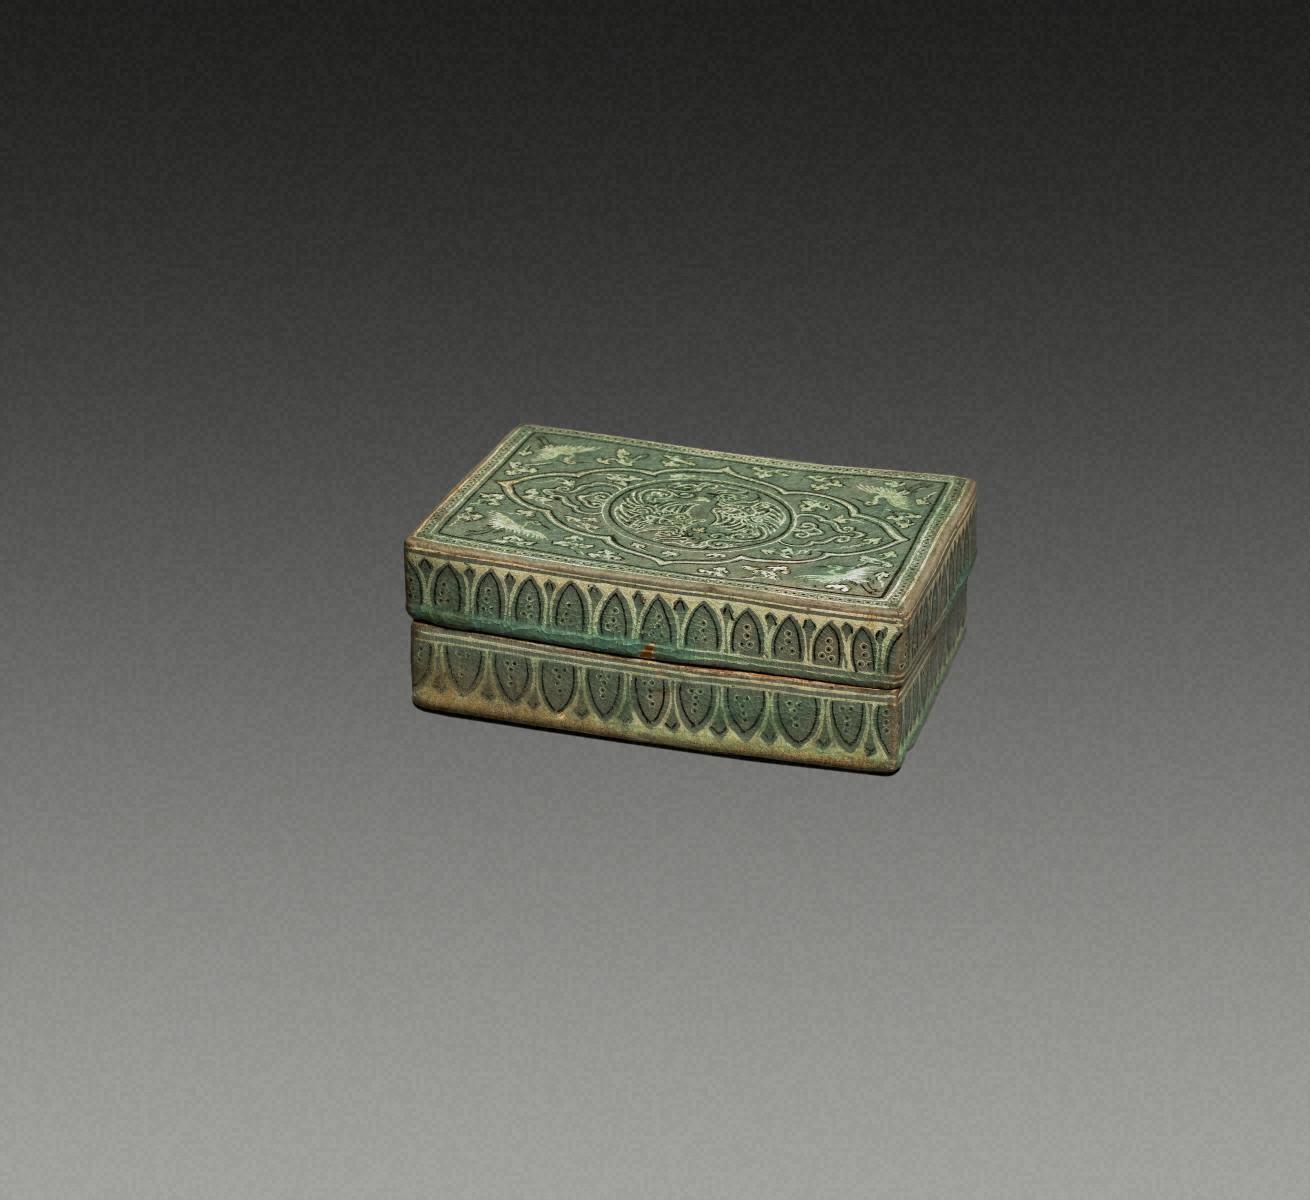 青瓷镶嵌 凤凰纹 方盒